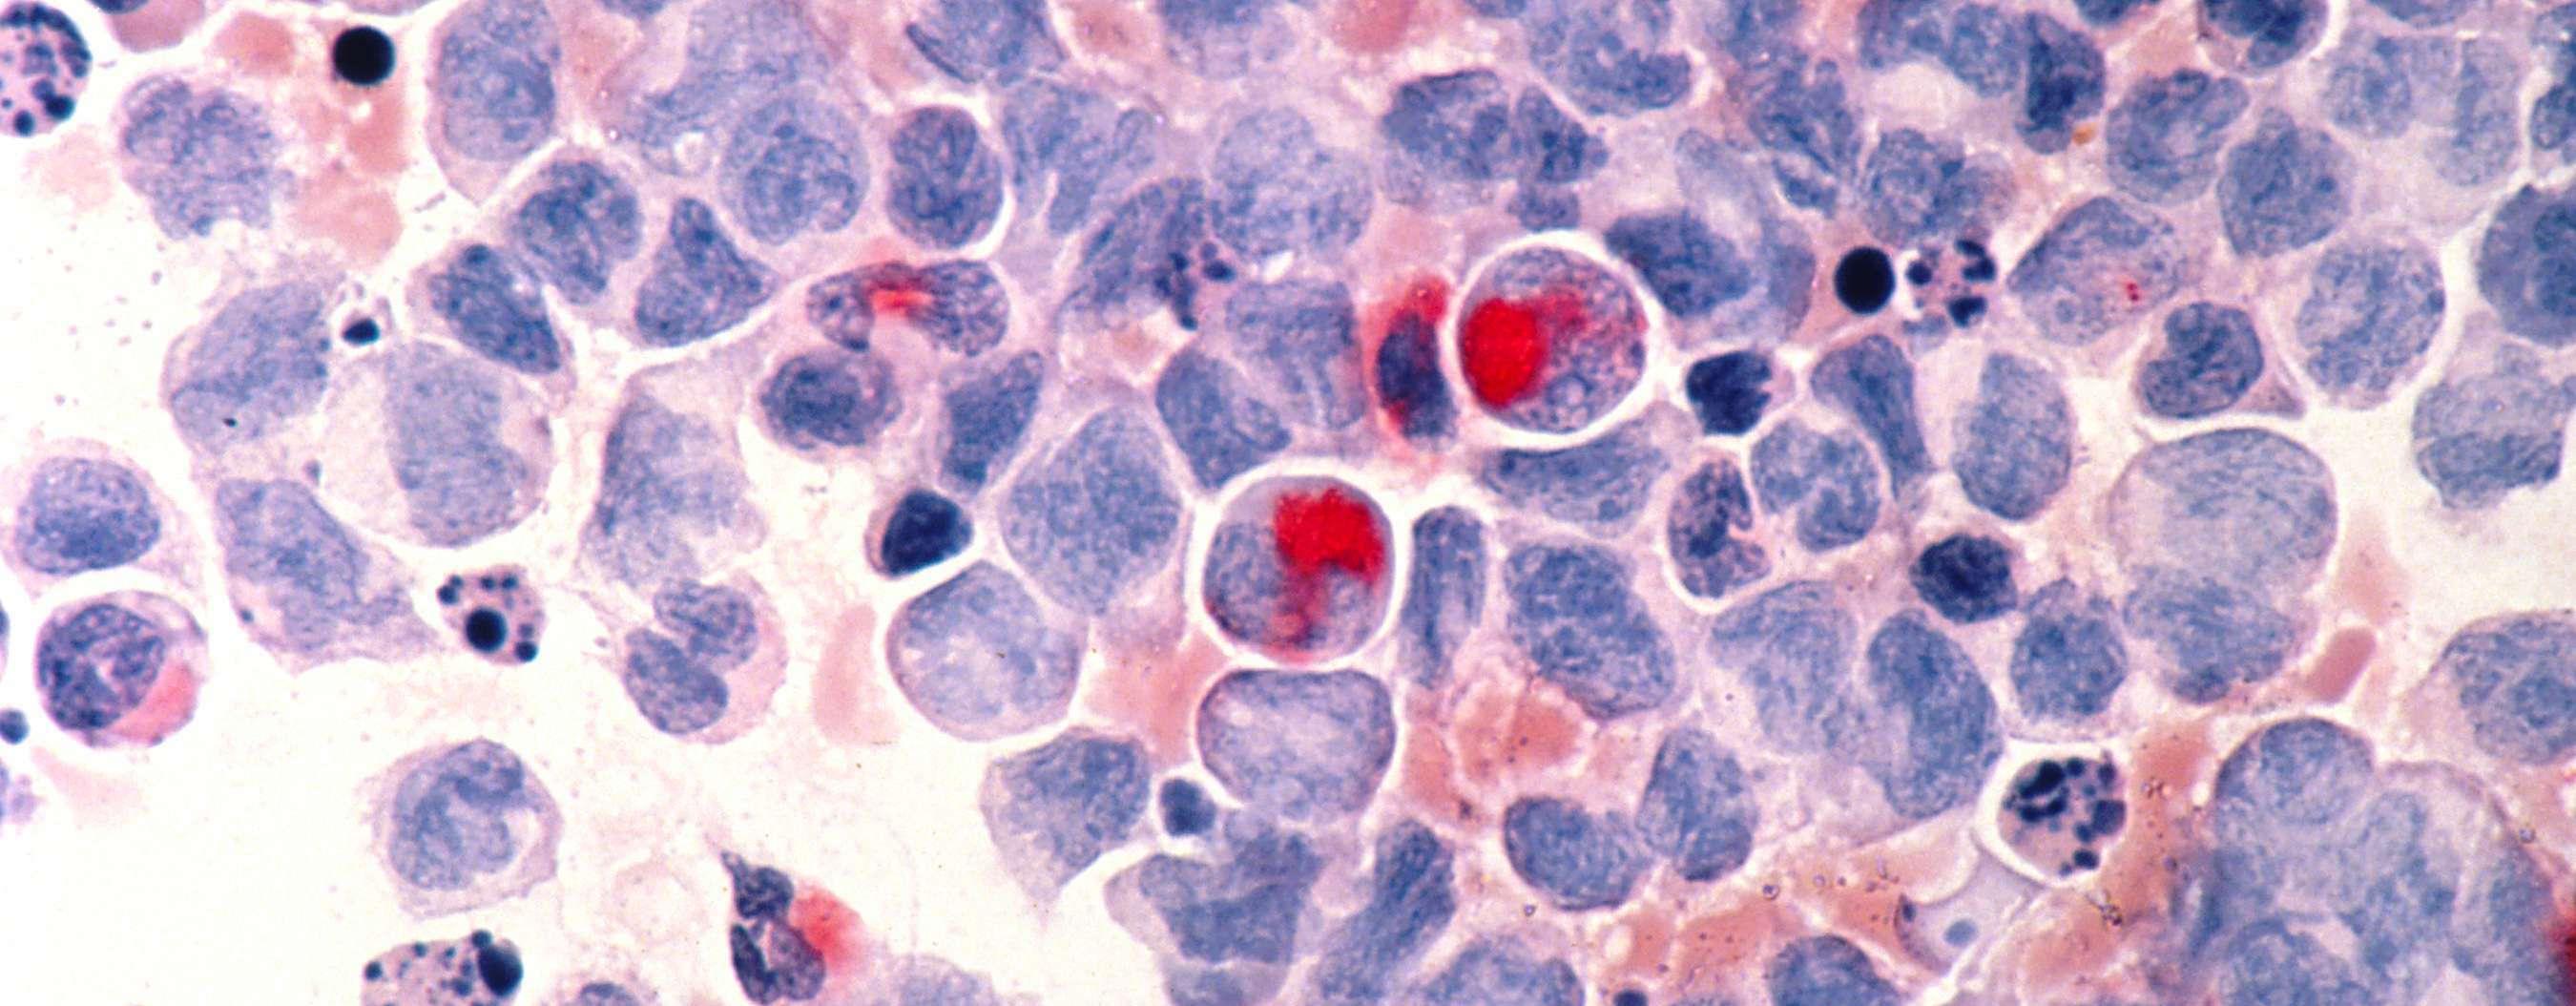 El primer tratamiento a la carta para la leucemia...